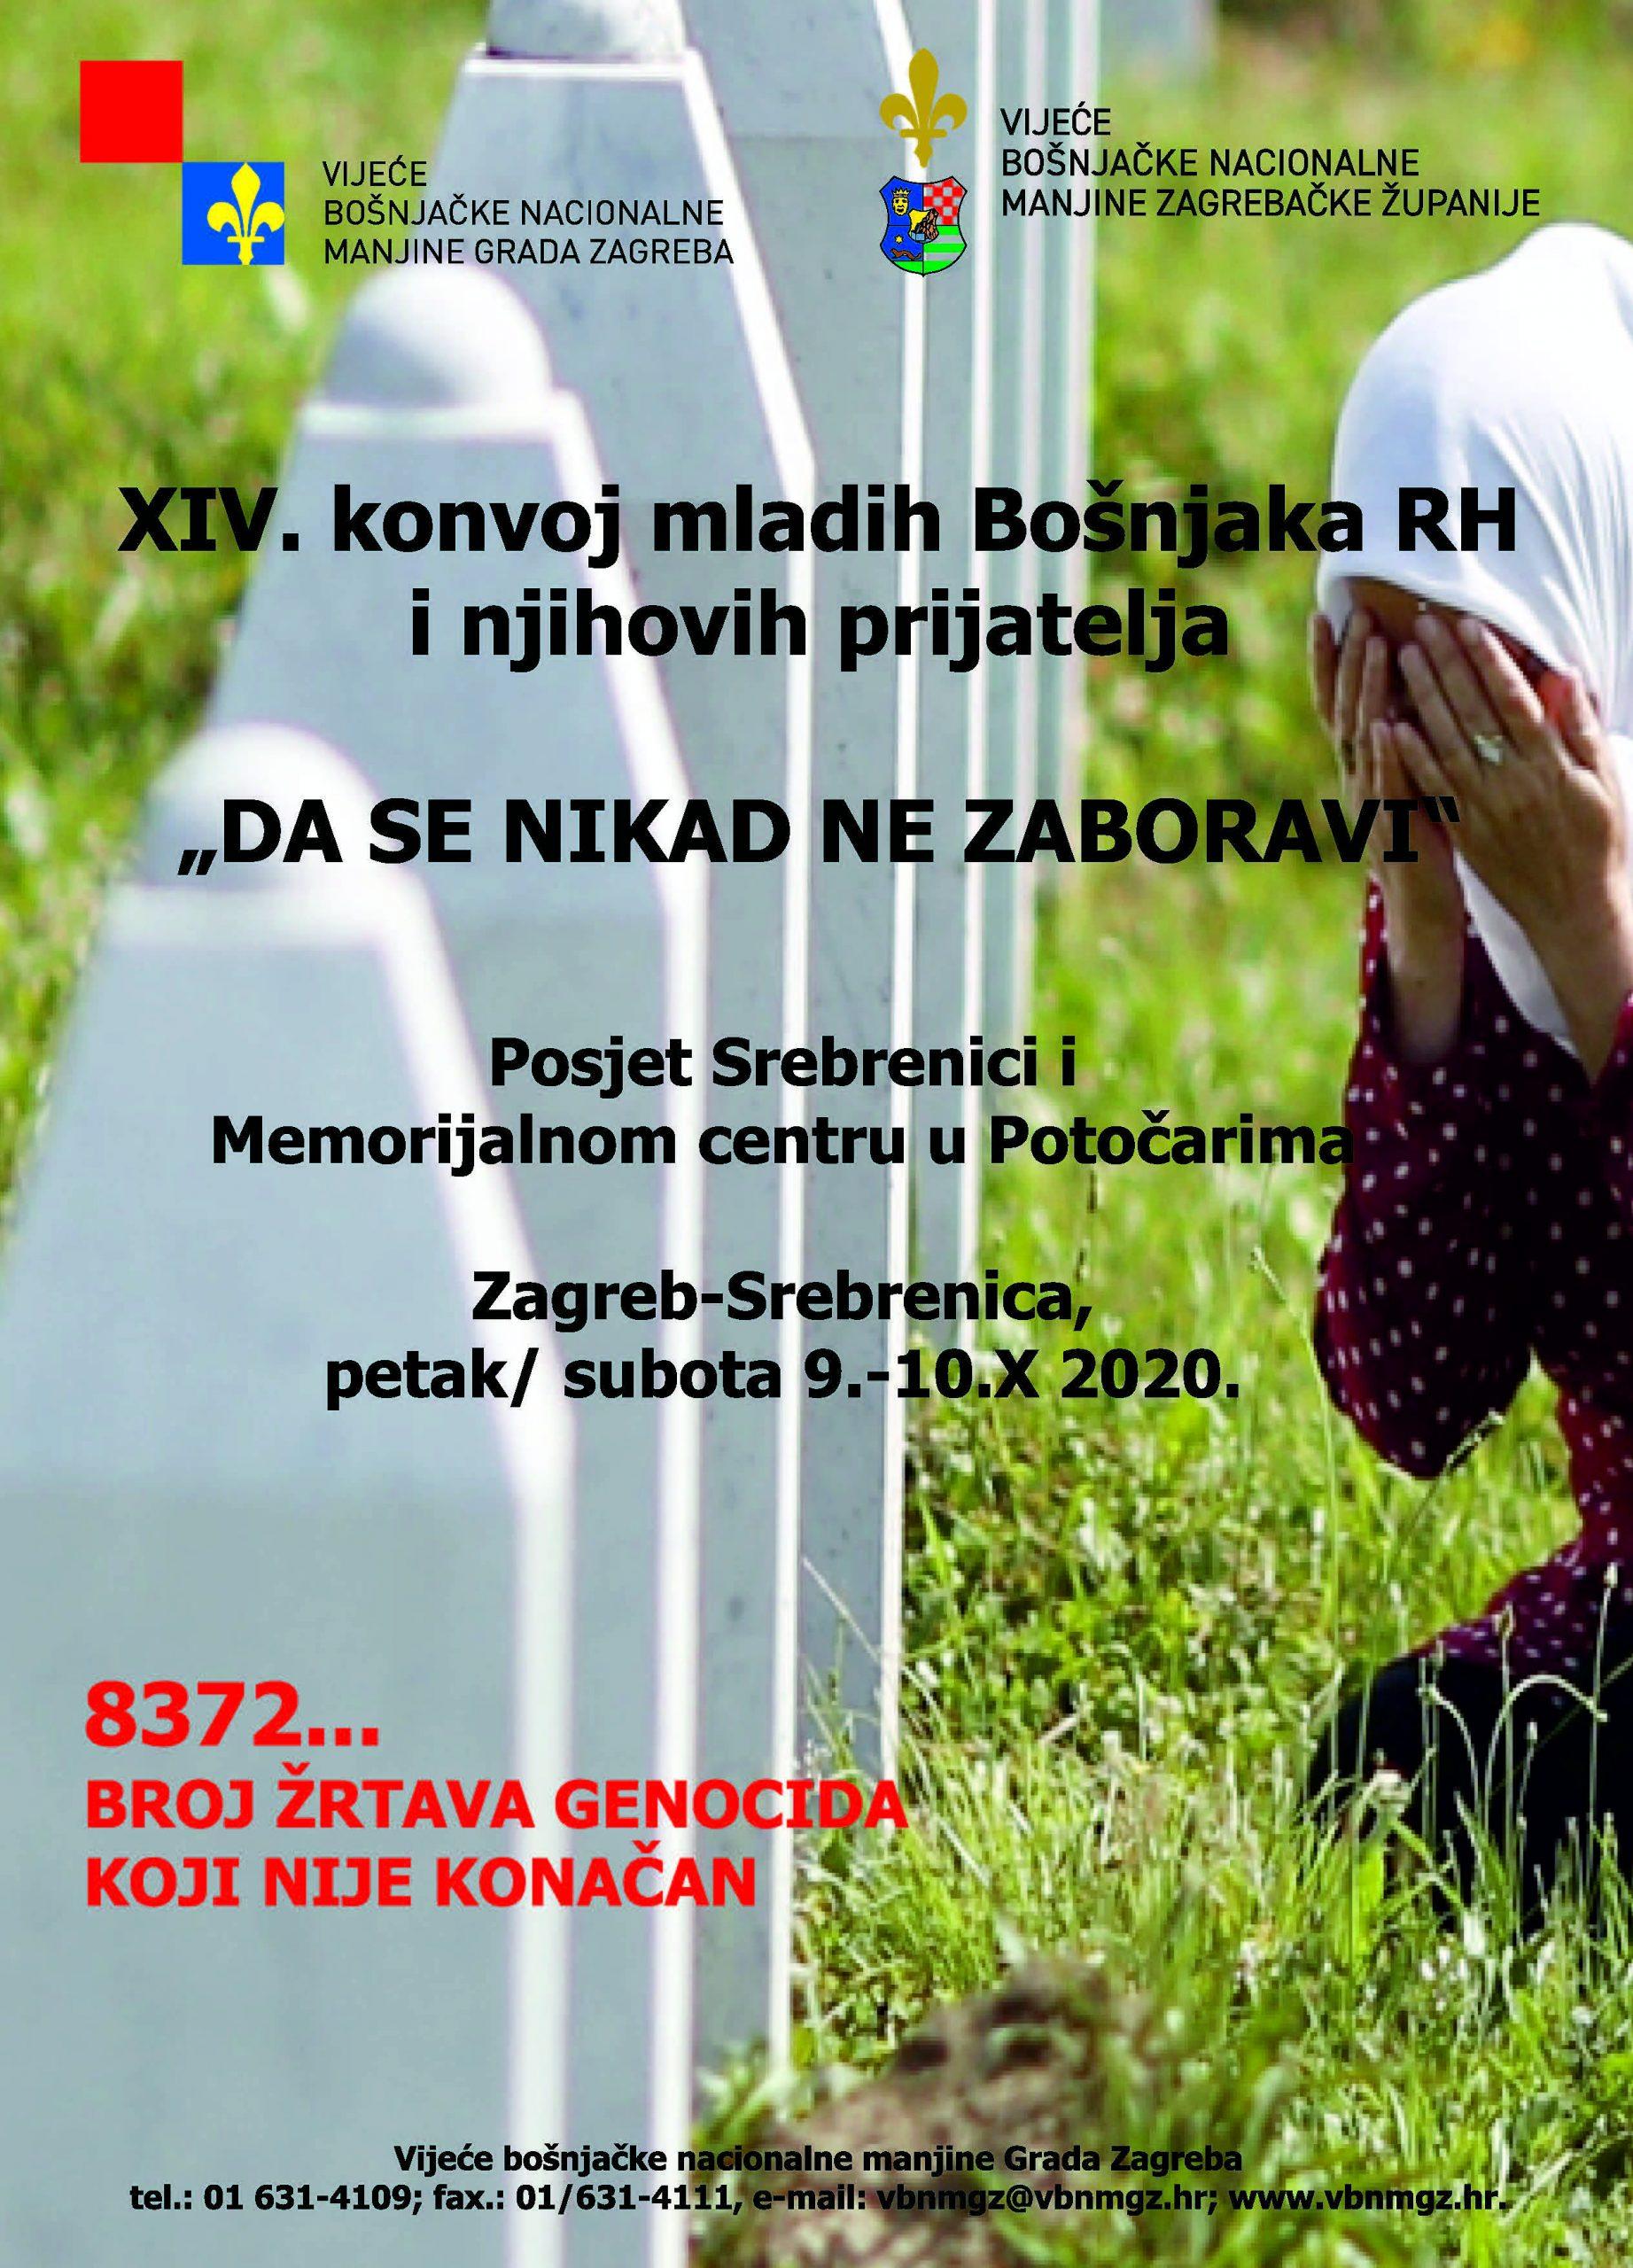 """XIV. konvoj mladih Bošnjaka RH i njihovih prijatelja """"DA SE NIKAD NE ZABORAVI"""""""